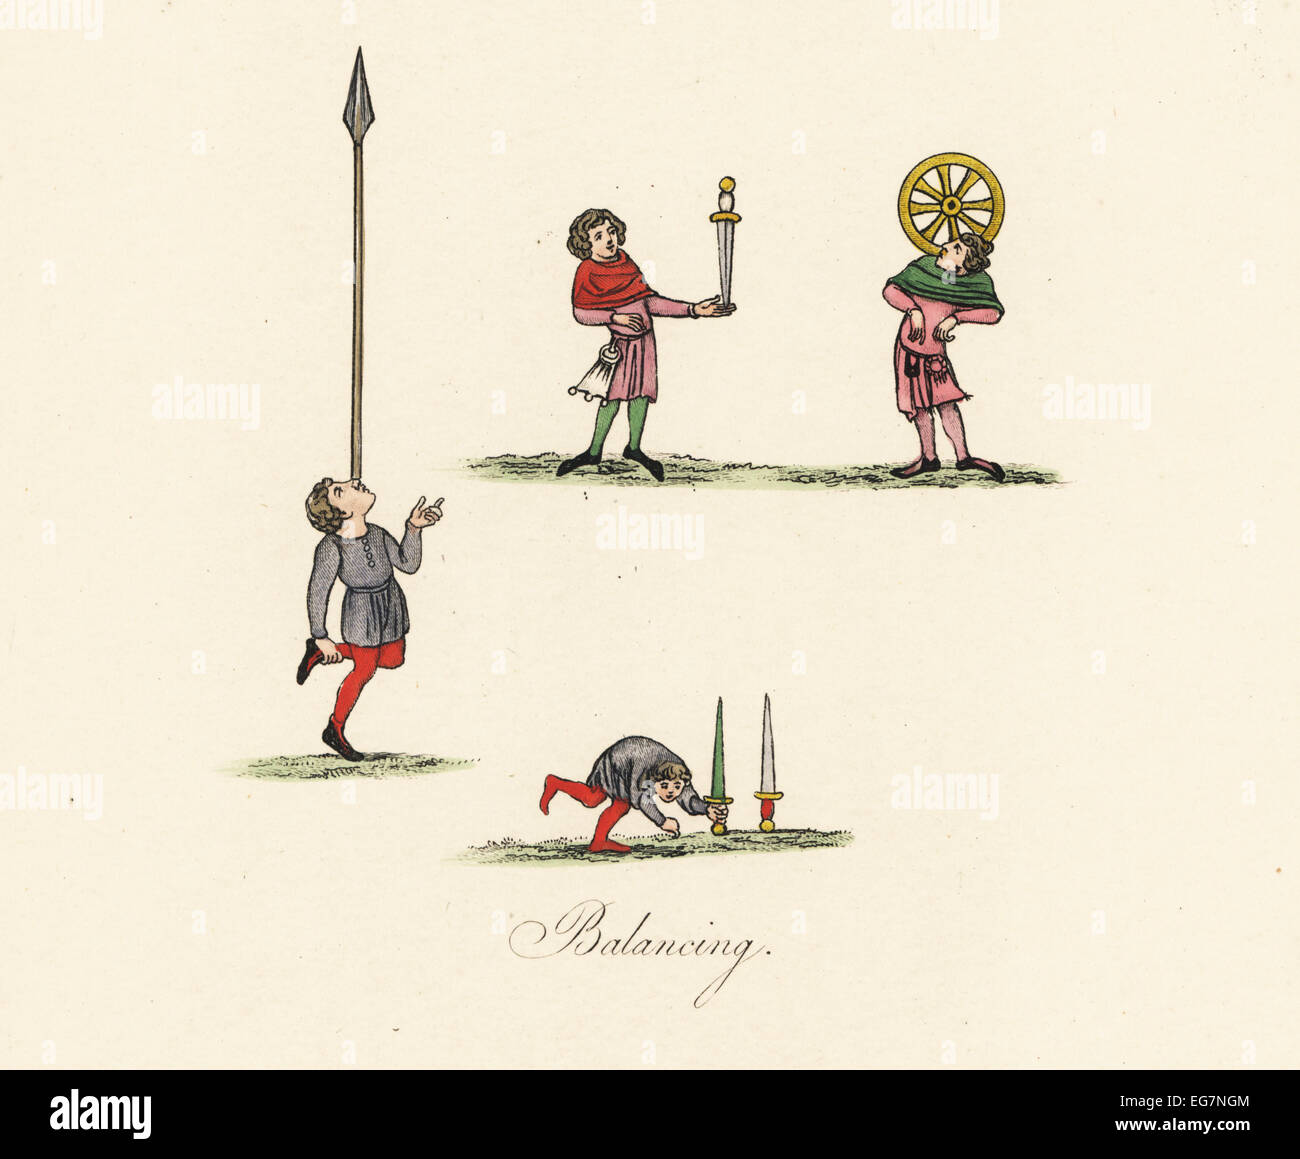 Actos de equilibrio medieval y malabaristas. Foto de stock